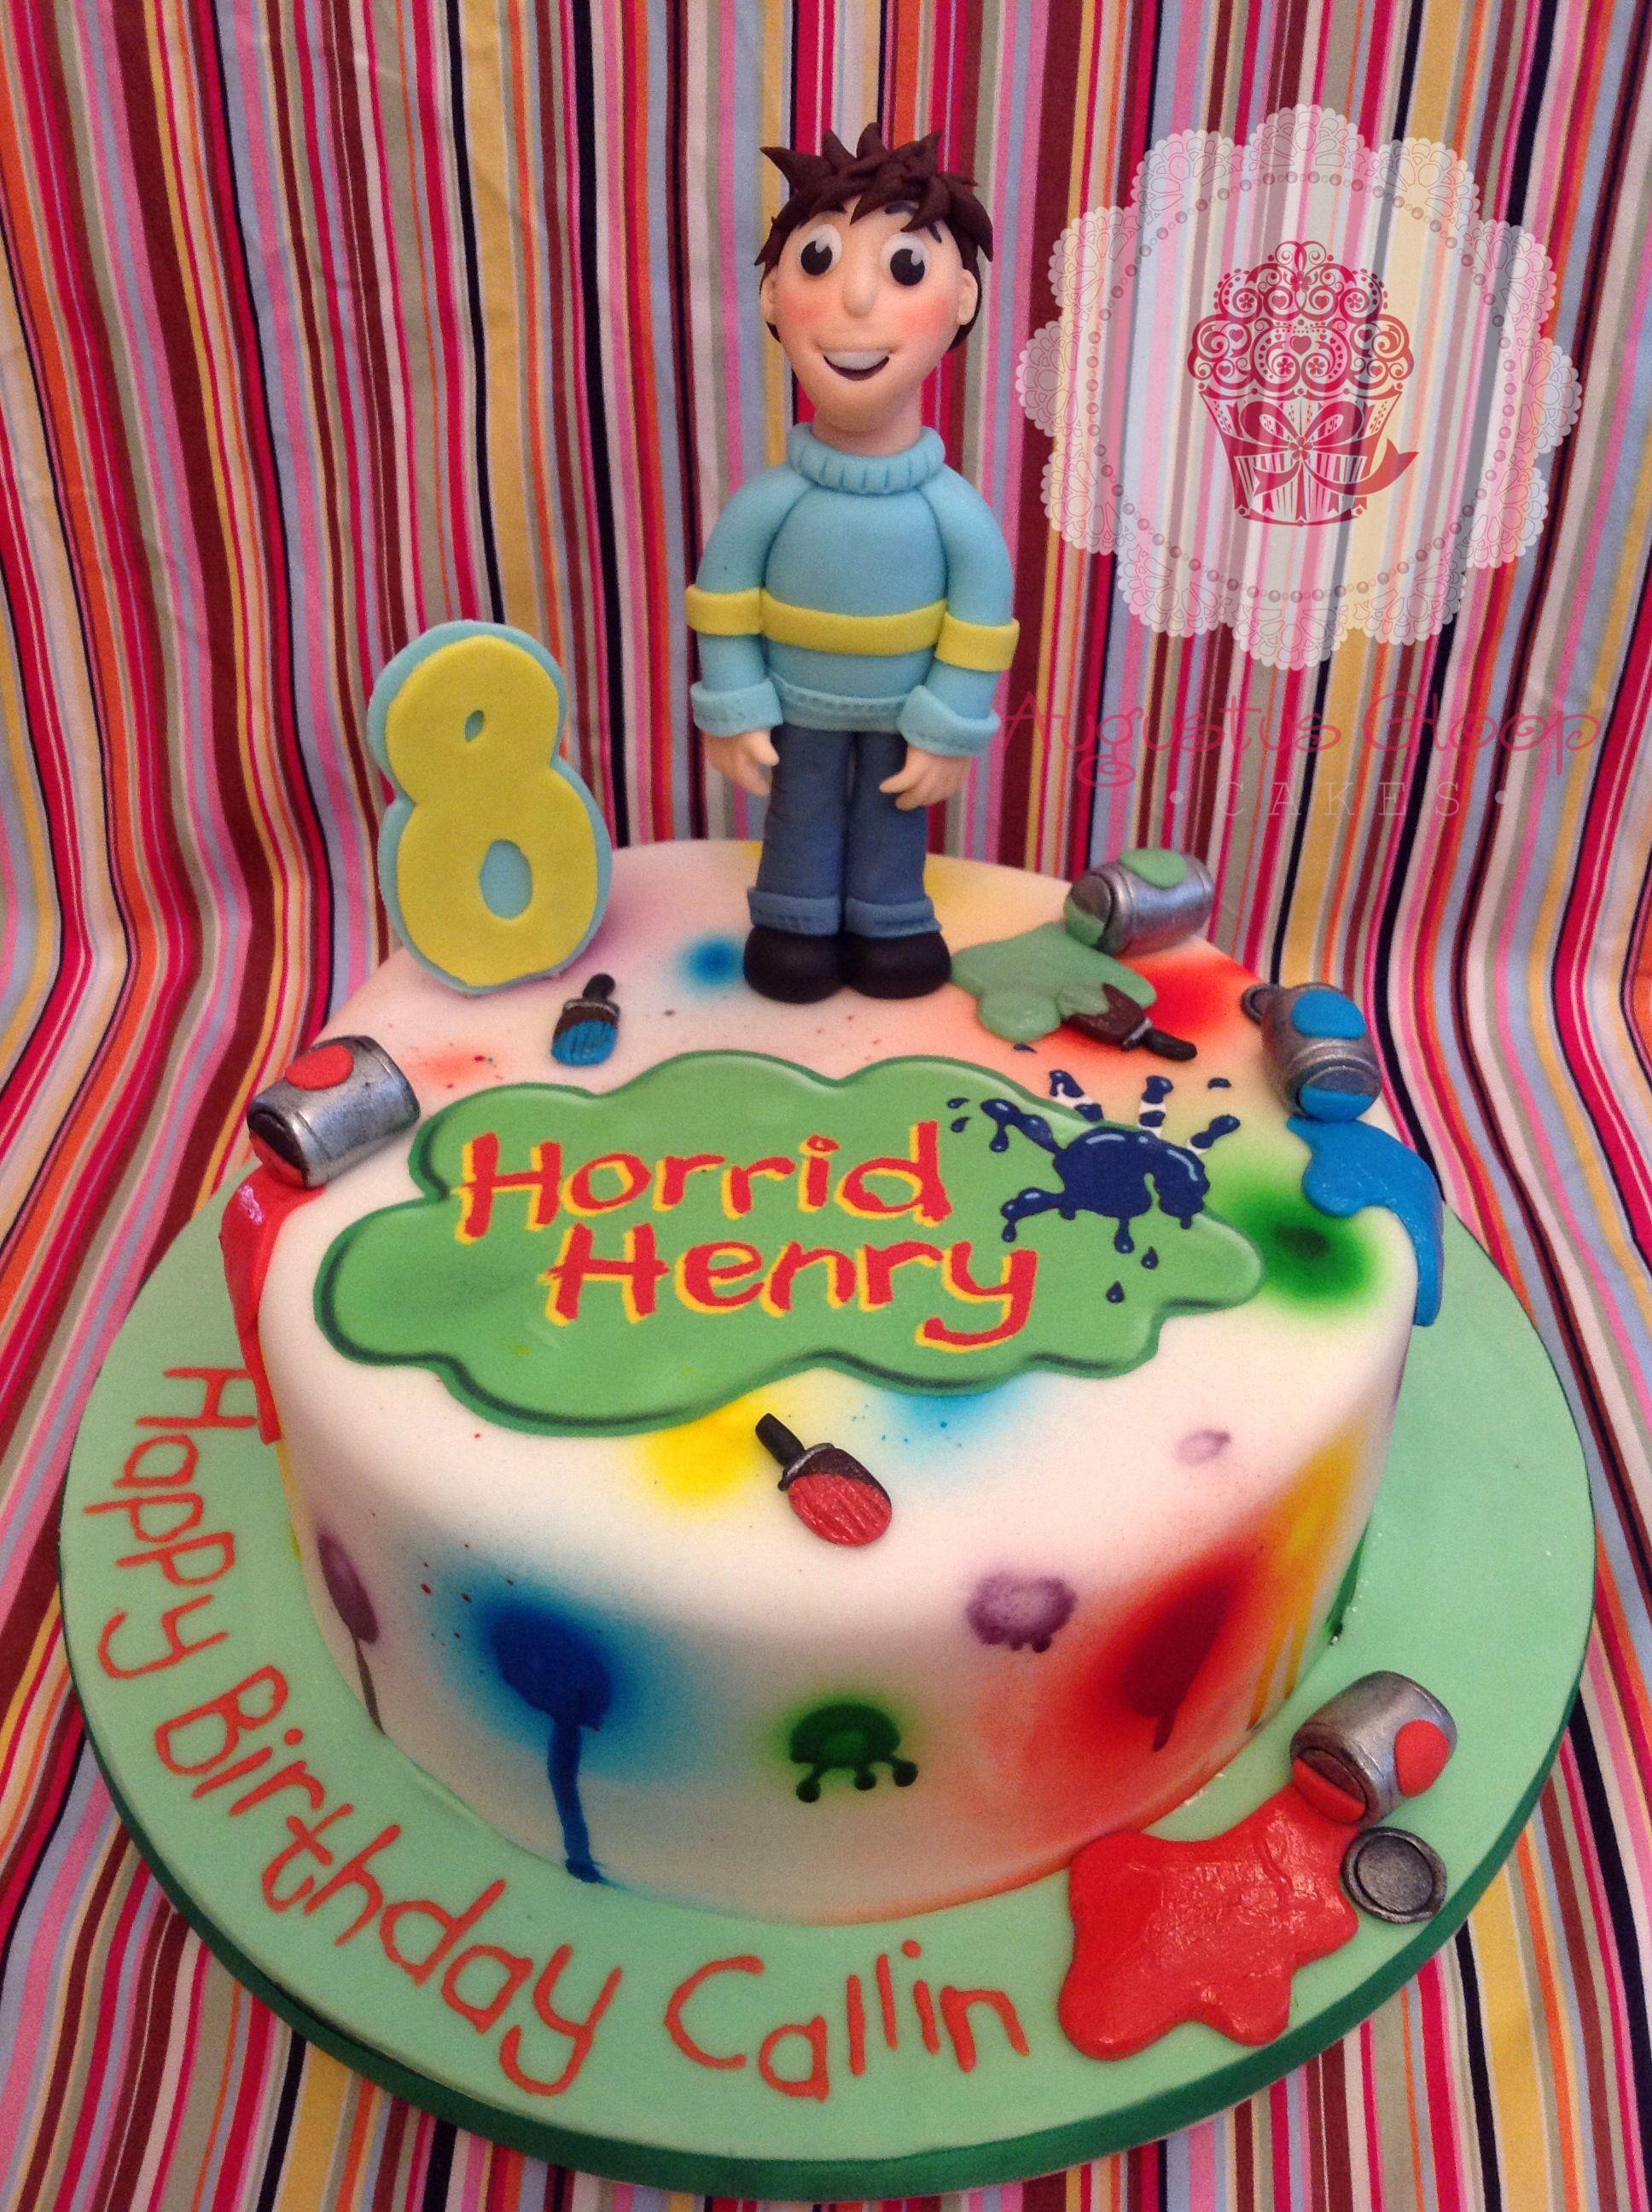 Horrid Henry Birthday Paint Splatter Cake Wwwfacebook Augustusgloopwales